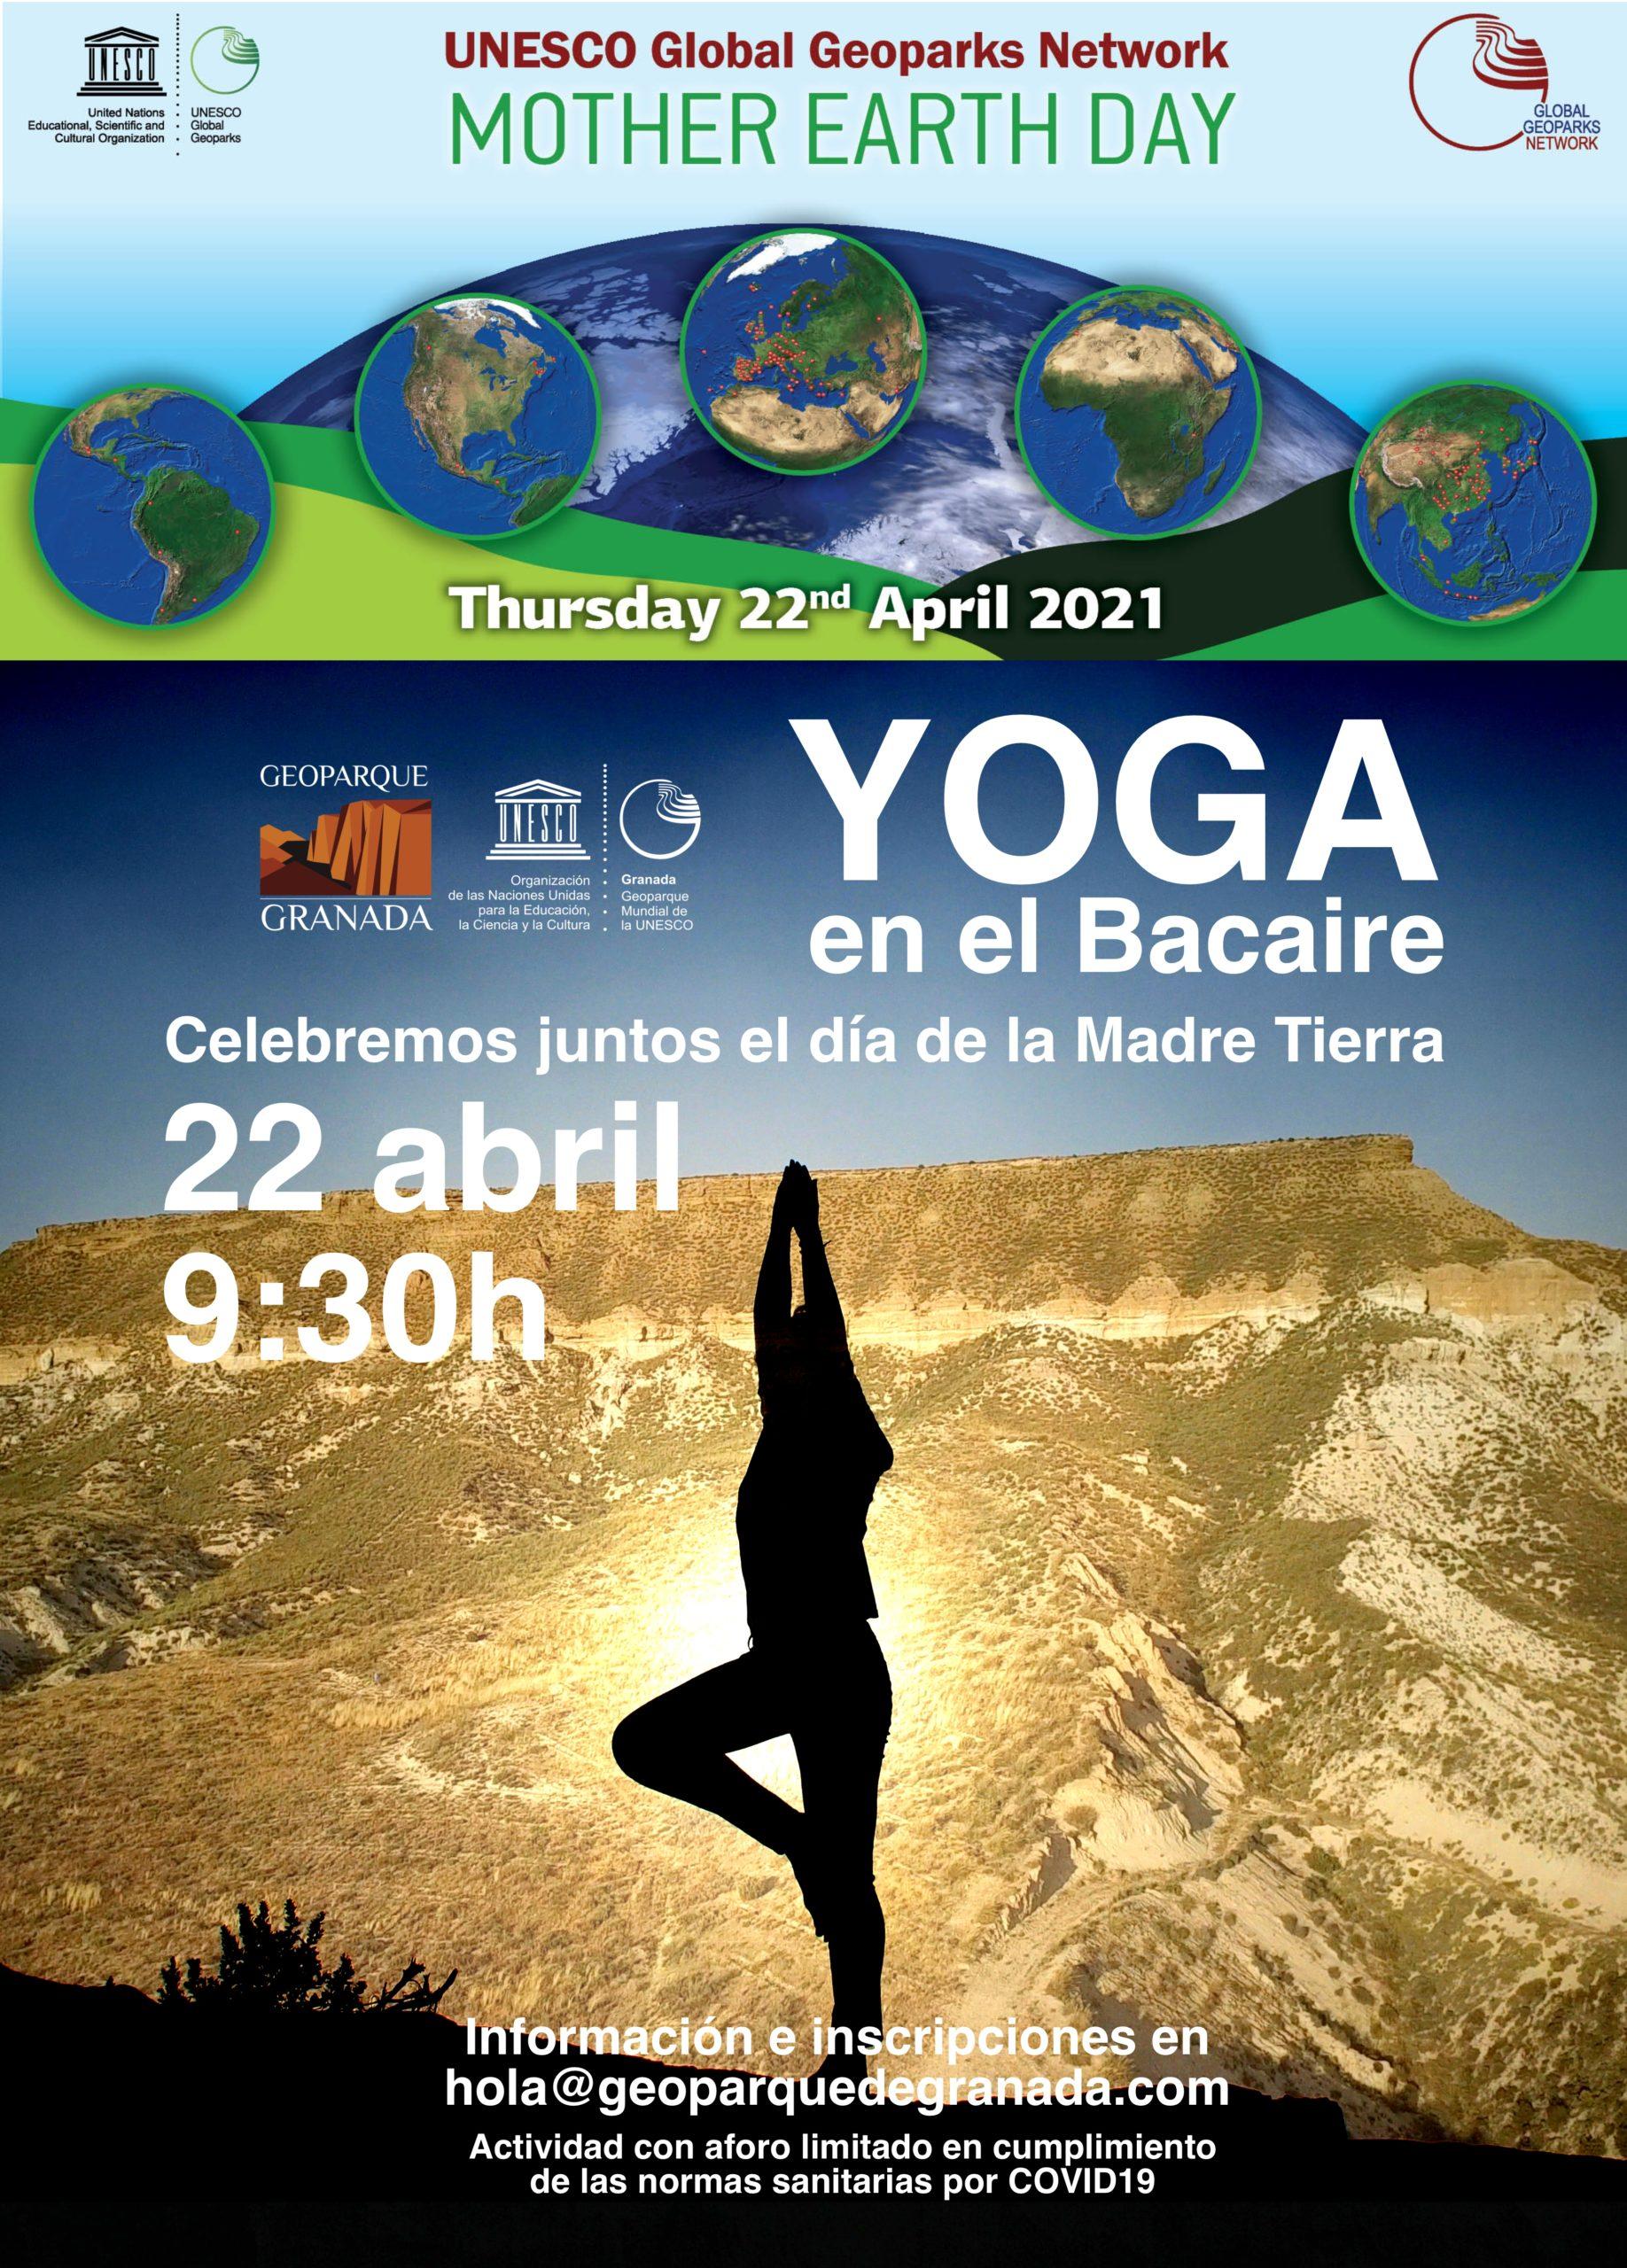 CARTEL YOGA scaled - Día de la Madre Tierra. Lo celebramos con yoga en Mesa de Bacaire - Geoparque de Granada